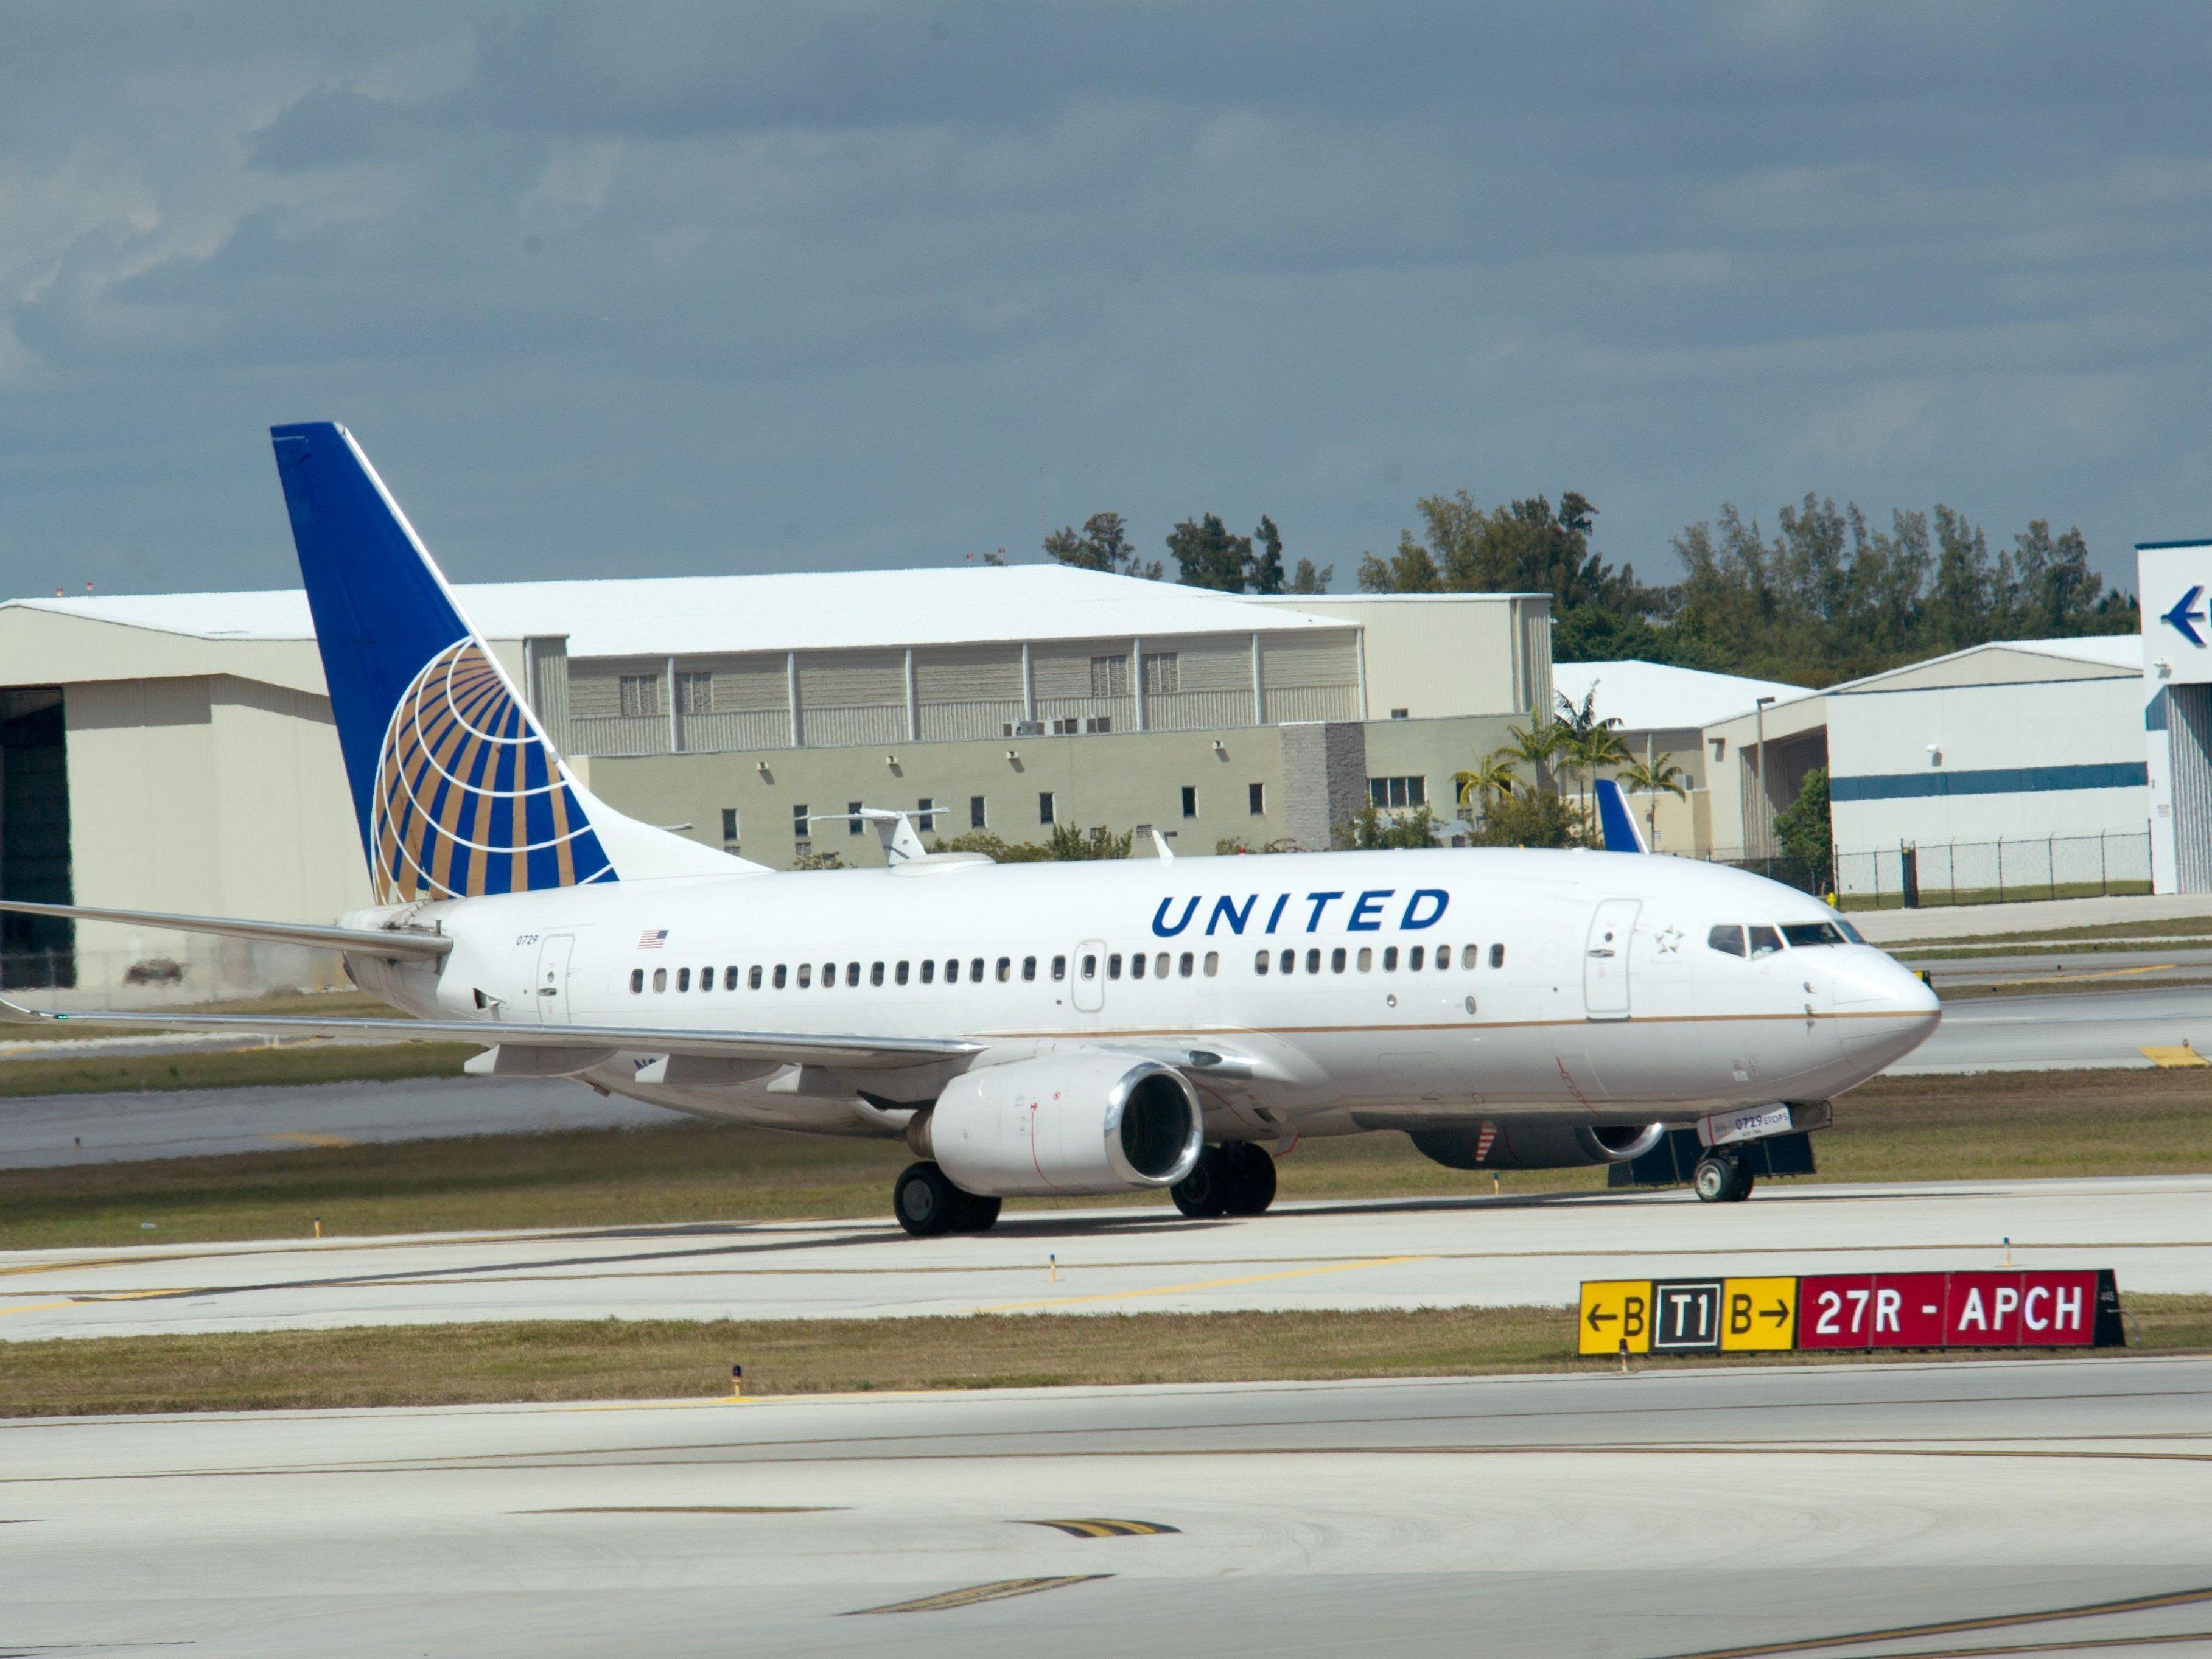 US_Medien berichten von einer Schießerei am Flughafen von Fort Lauderdale, Florida.